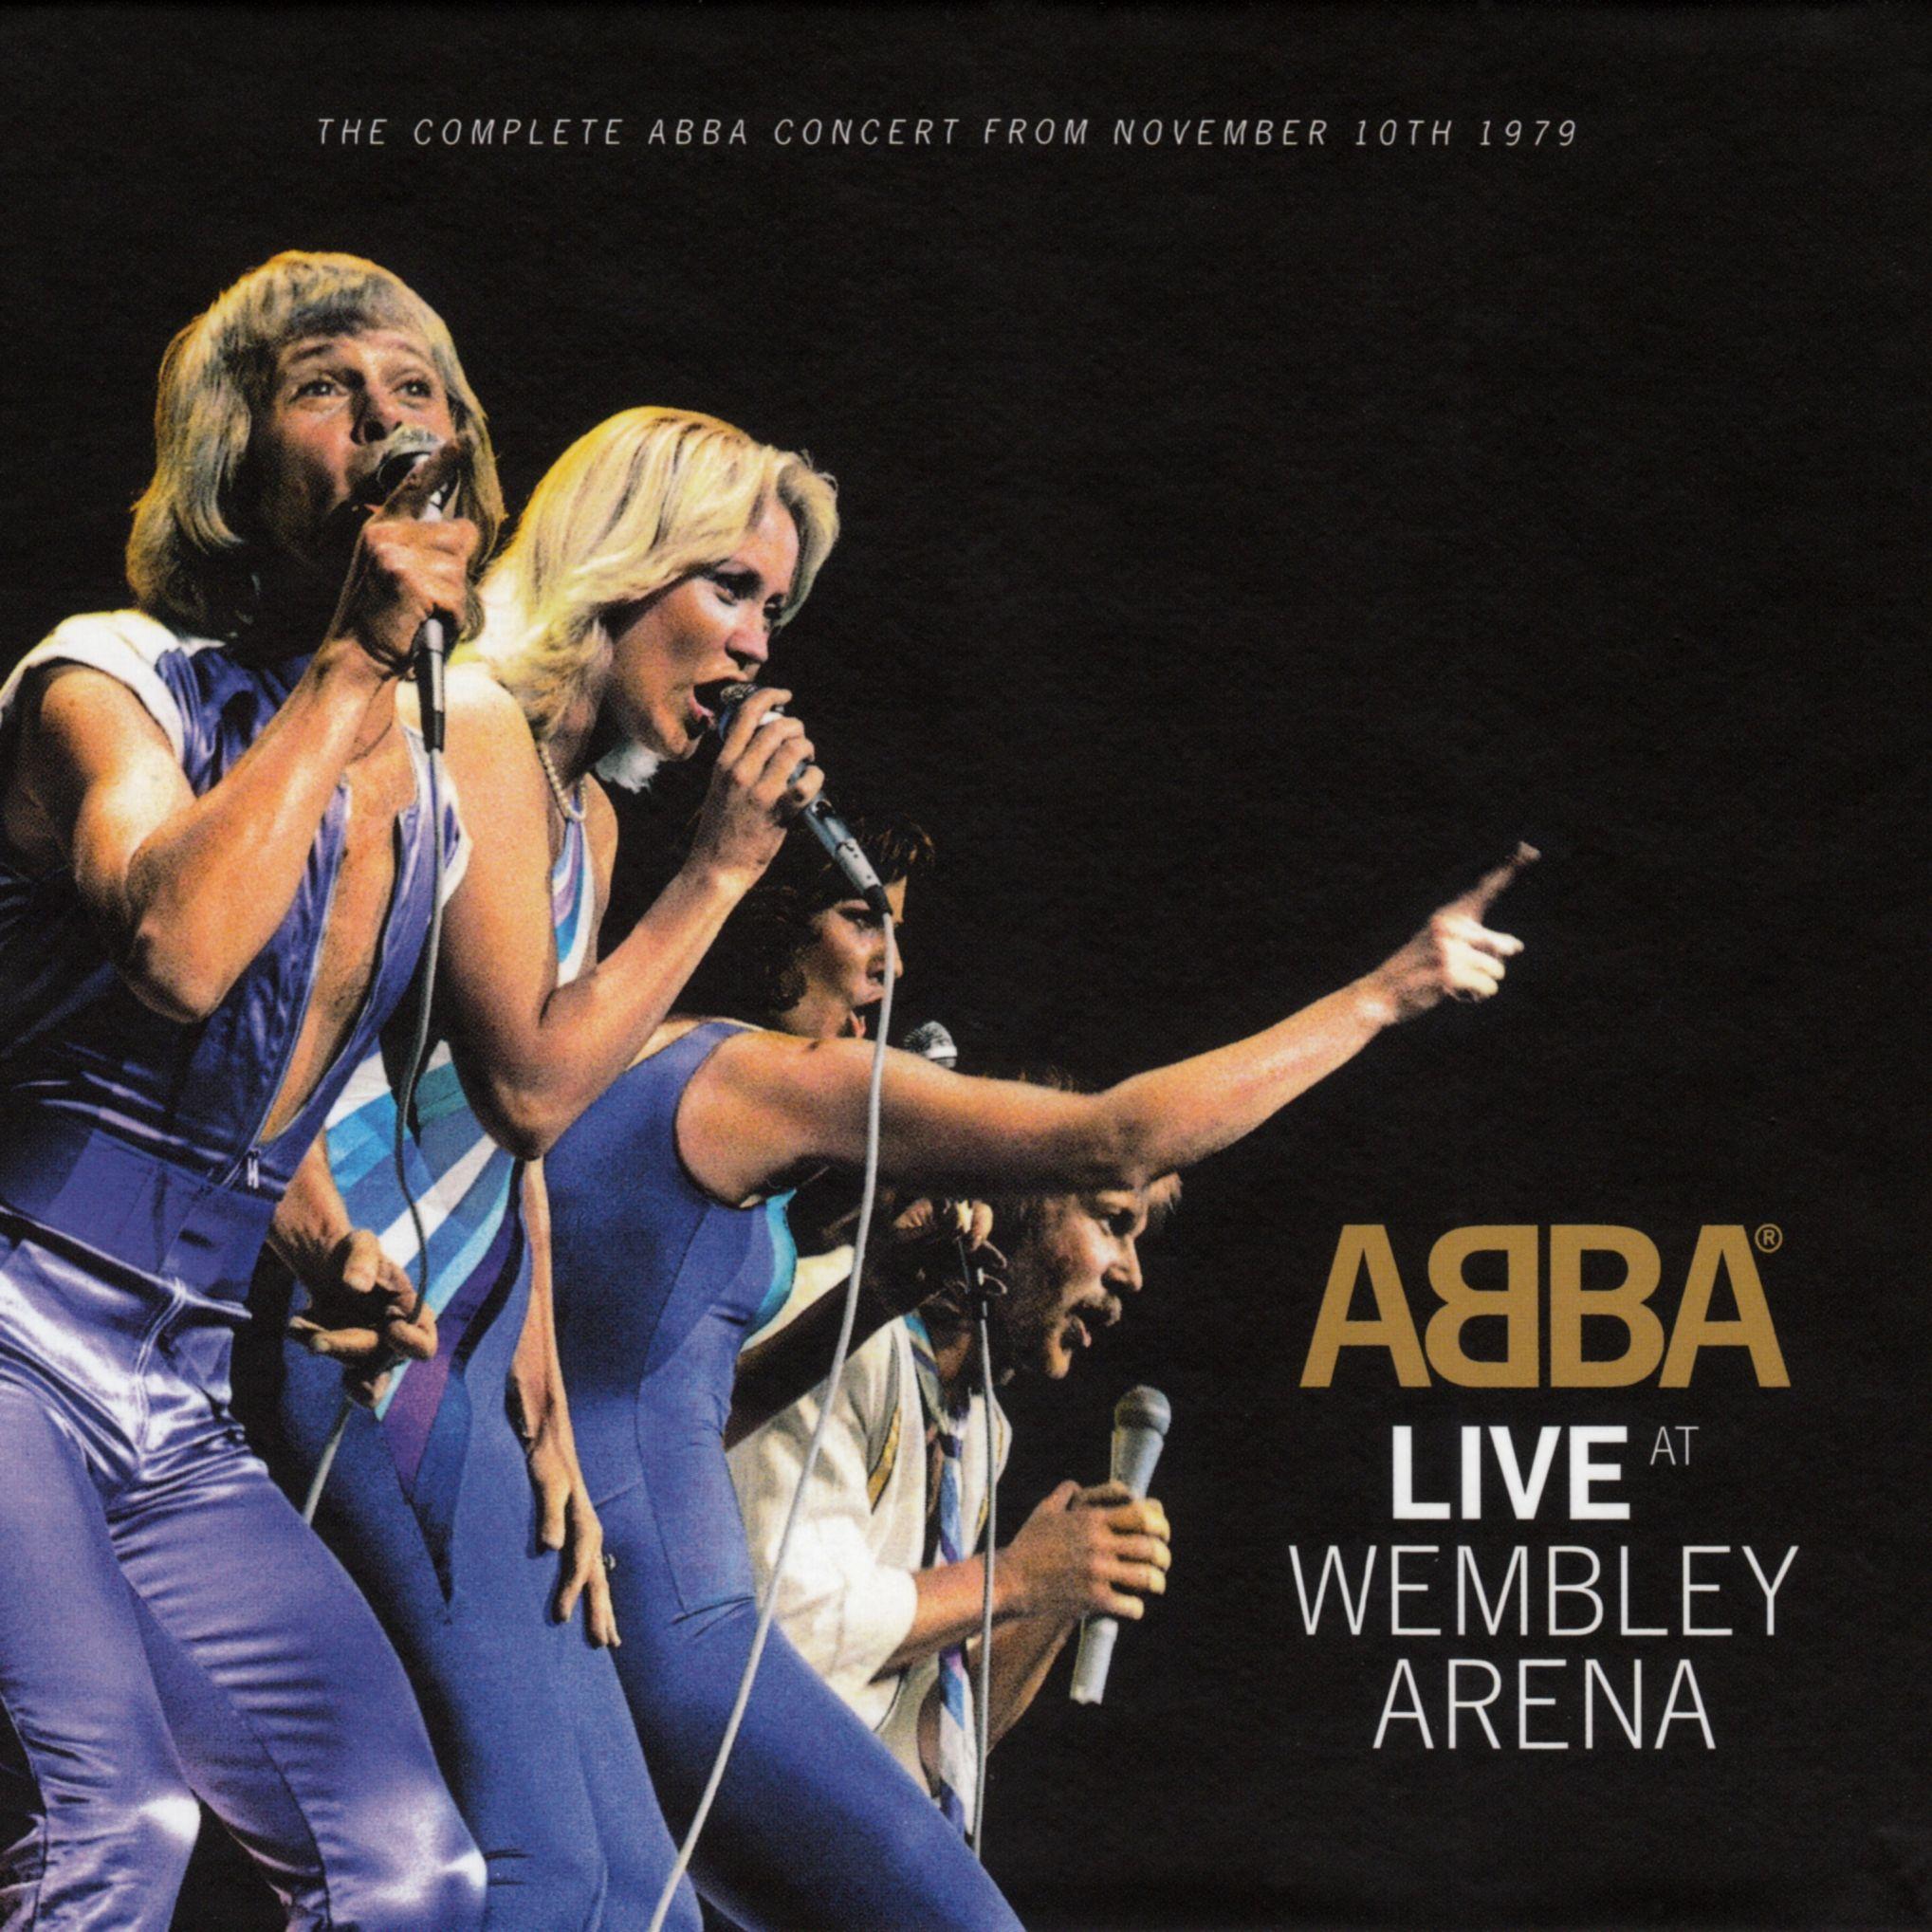 ABBA - Live At Wembley Arena album cover